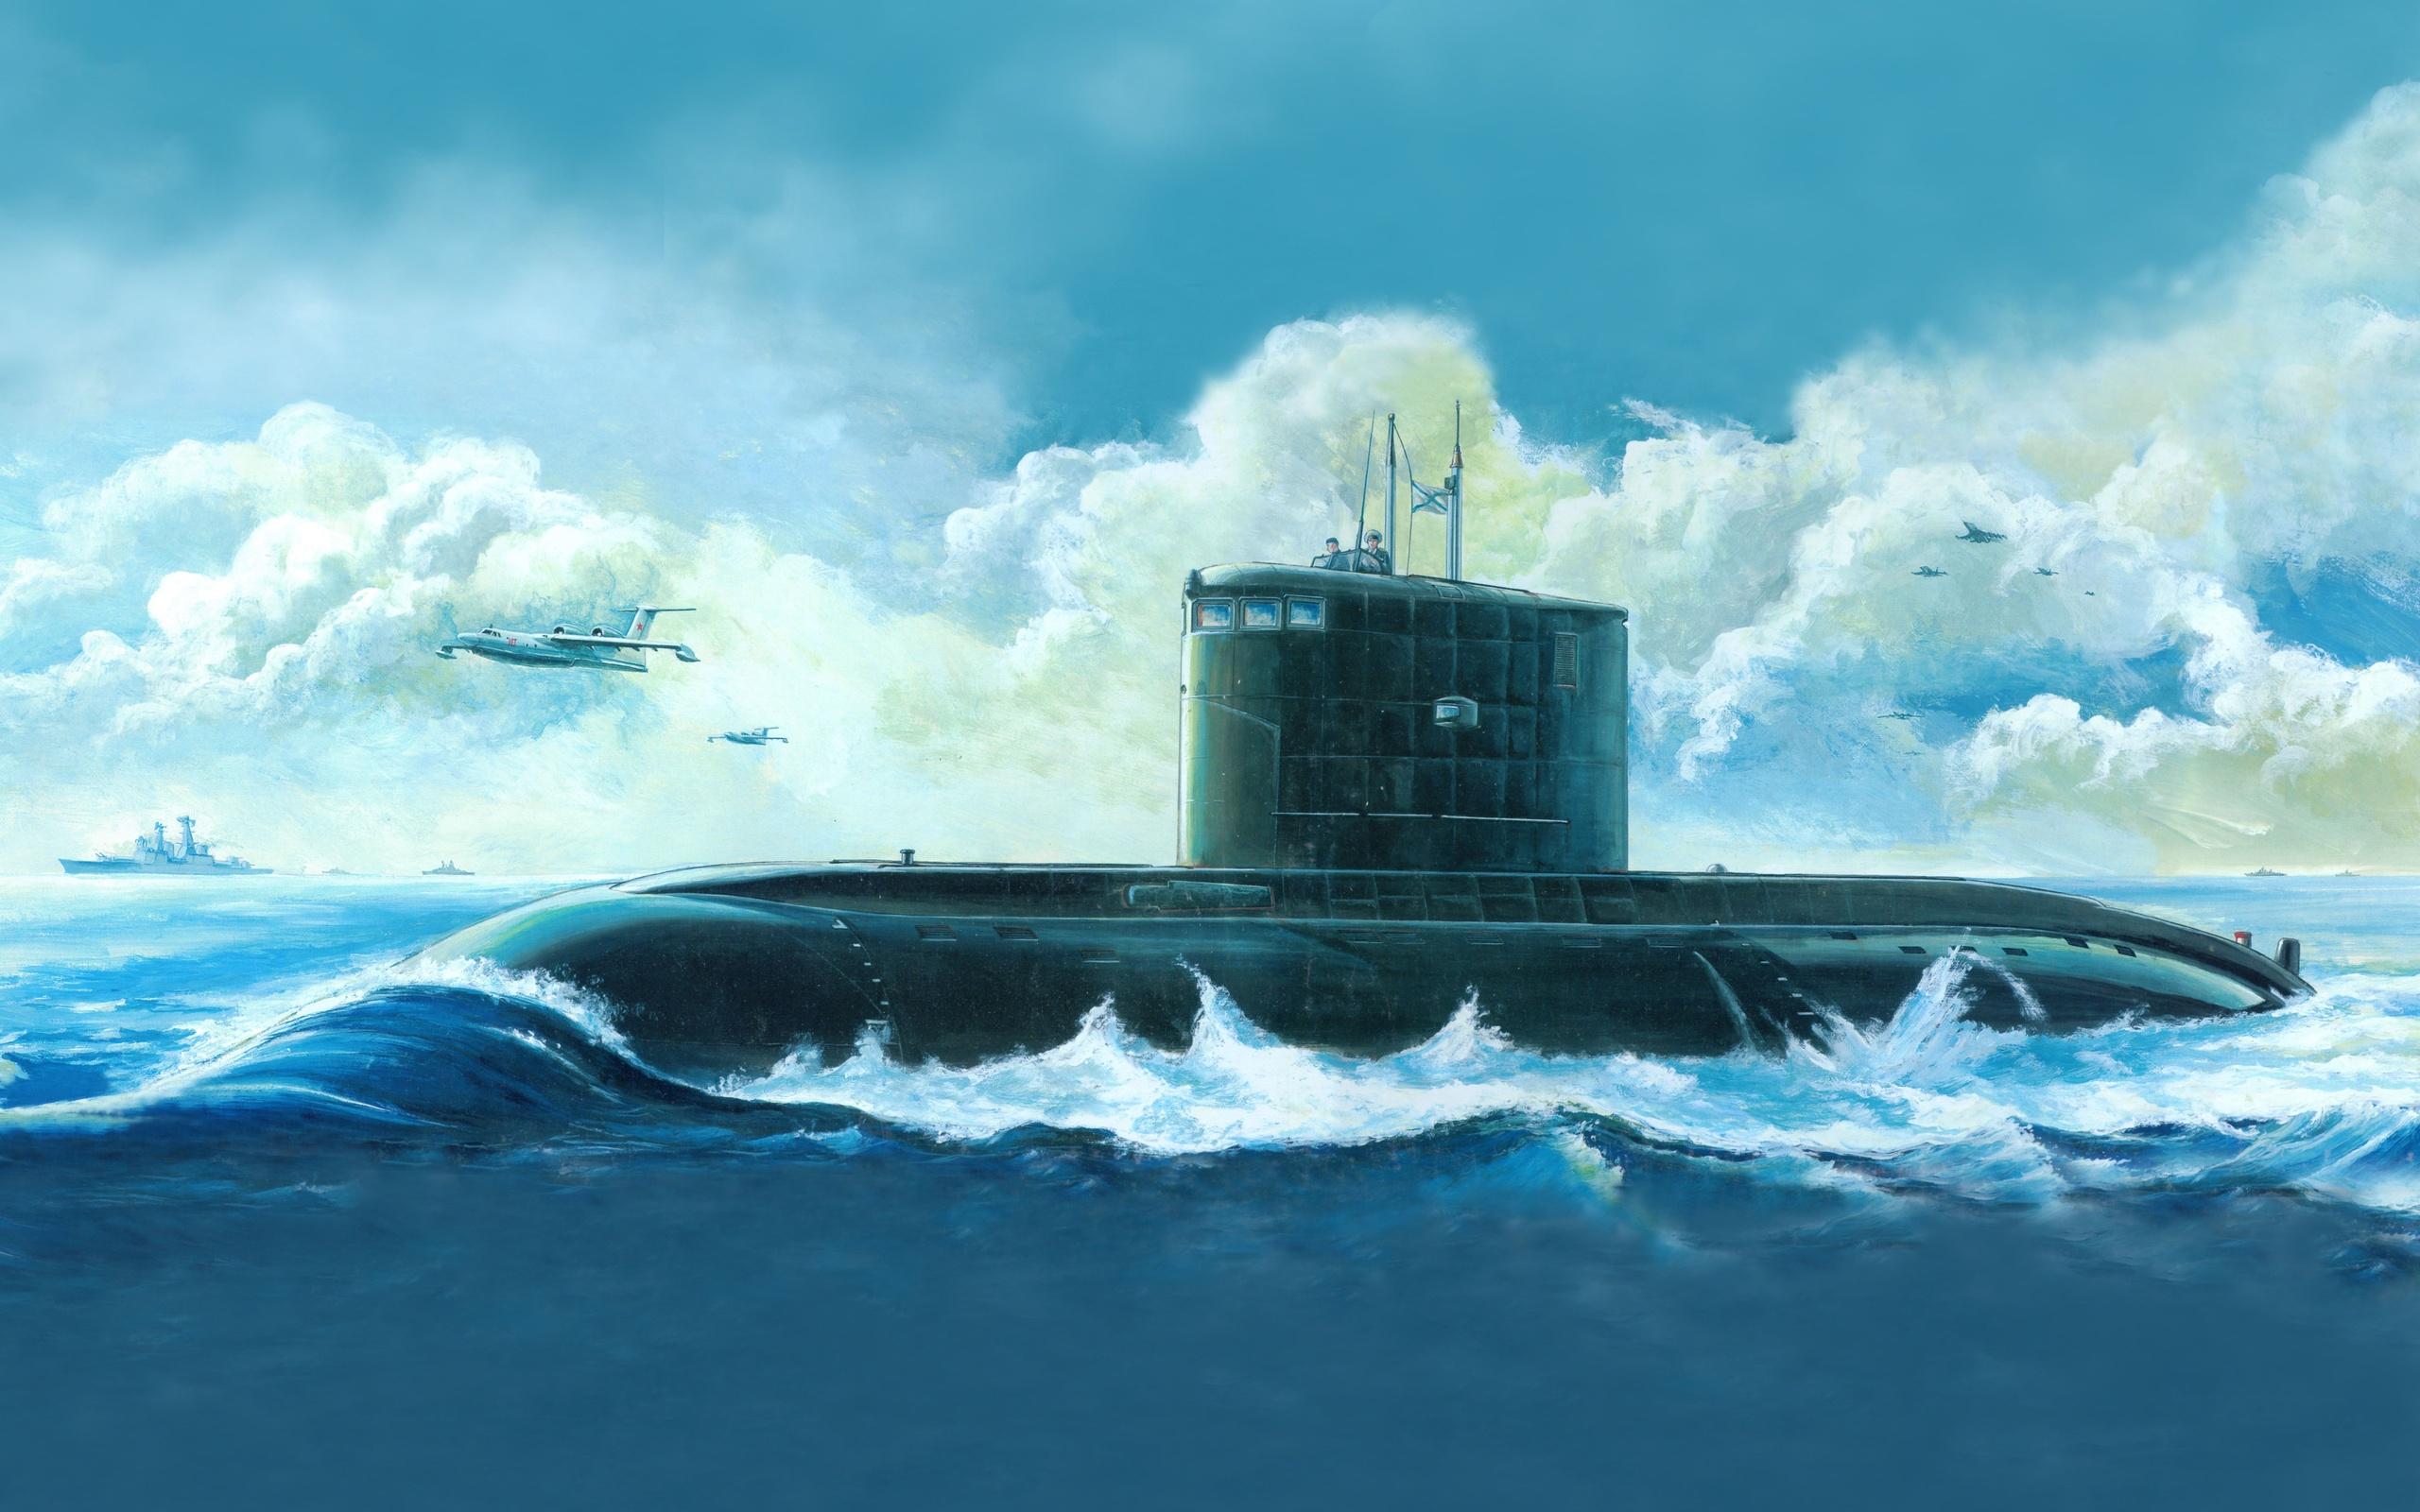 Submarine Computer Wallpapers Desktop Backgrounds 2560x1600